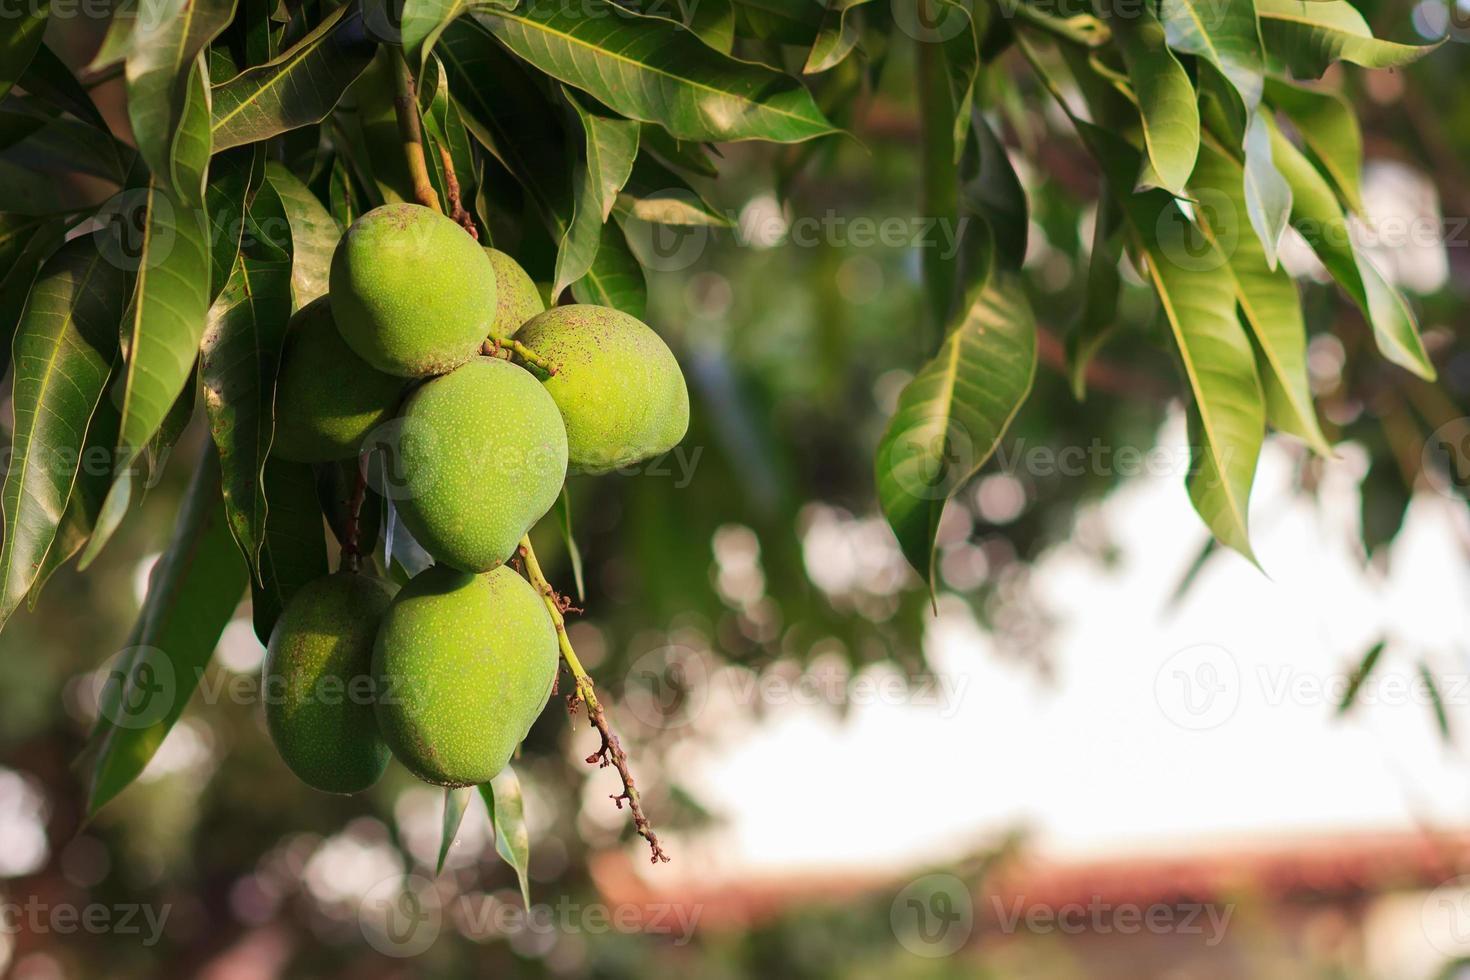 bando de manga verde verde na mangueira foto